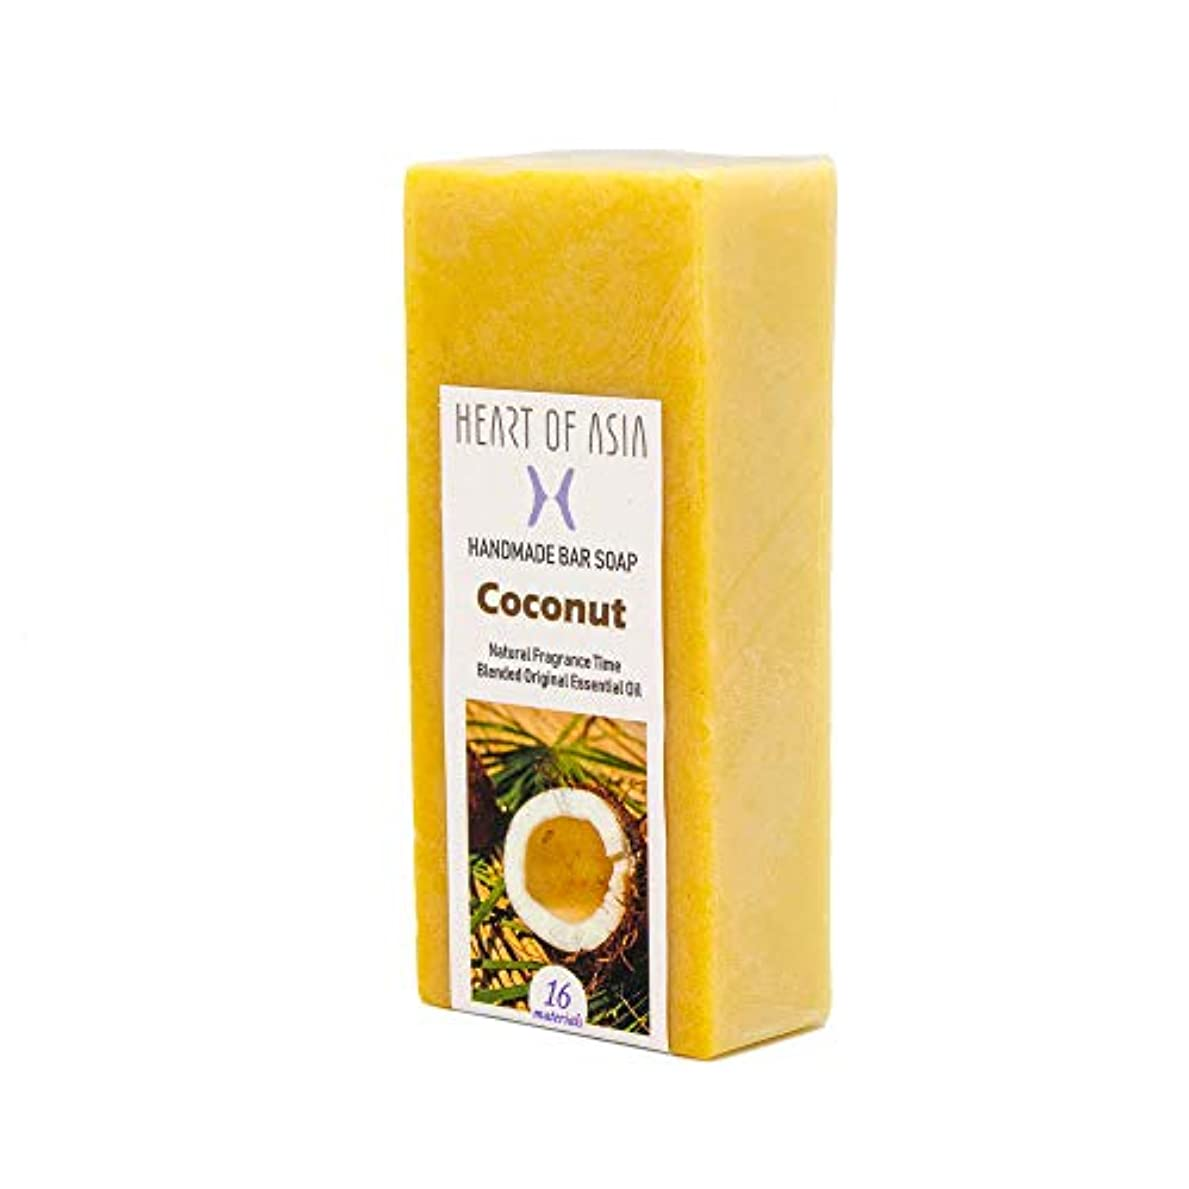 恥ずかしさ溶かすフォルダ香水のようなフレグランス石けん HANDMADE BAR SOAP ~Coconut ~ (単品)